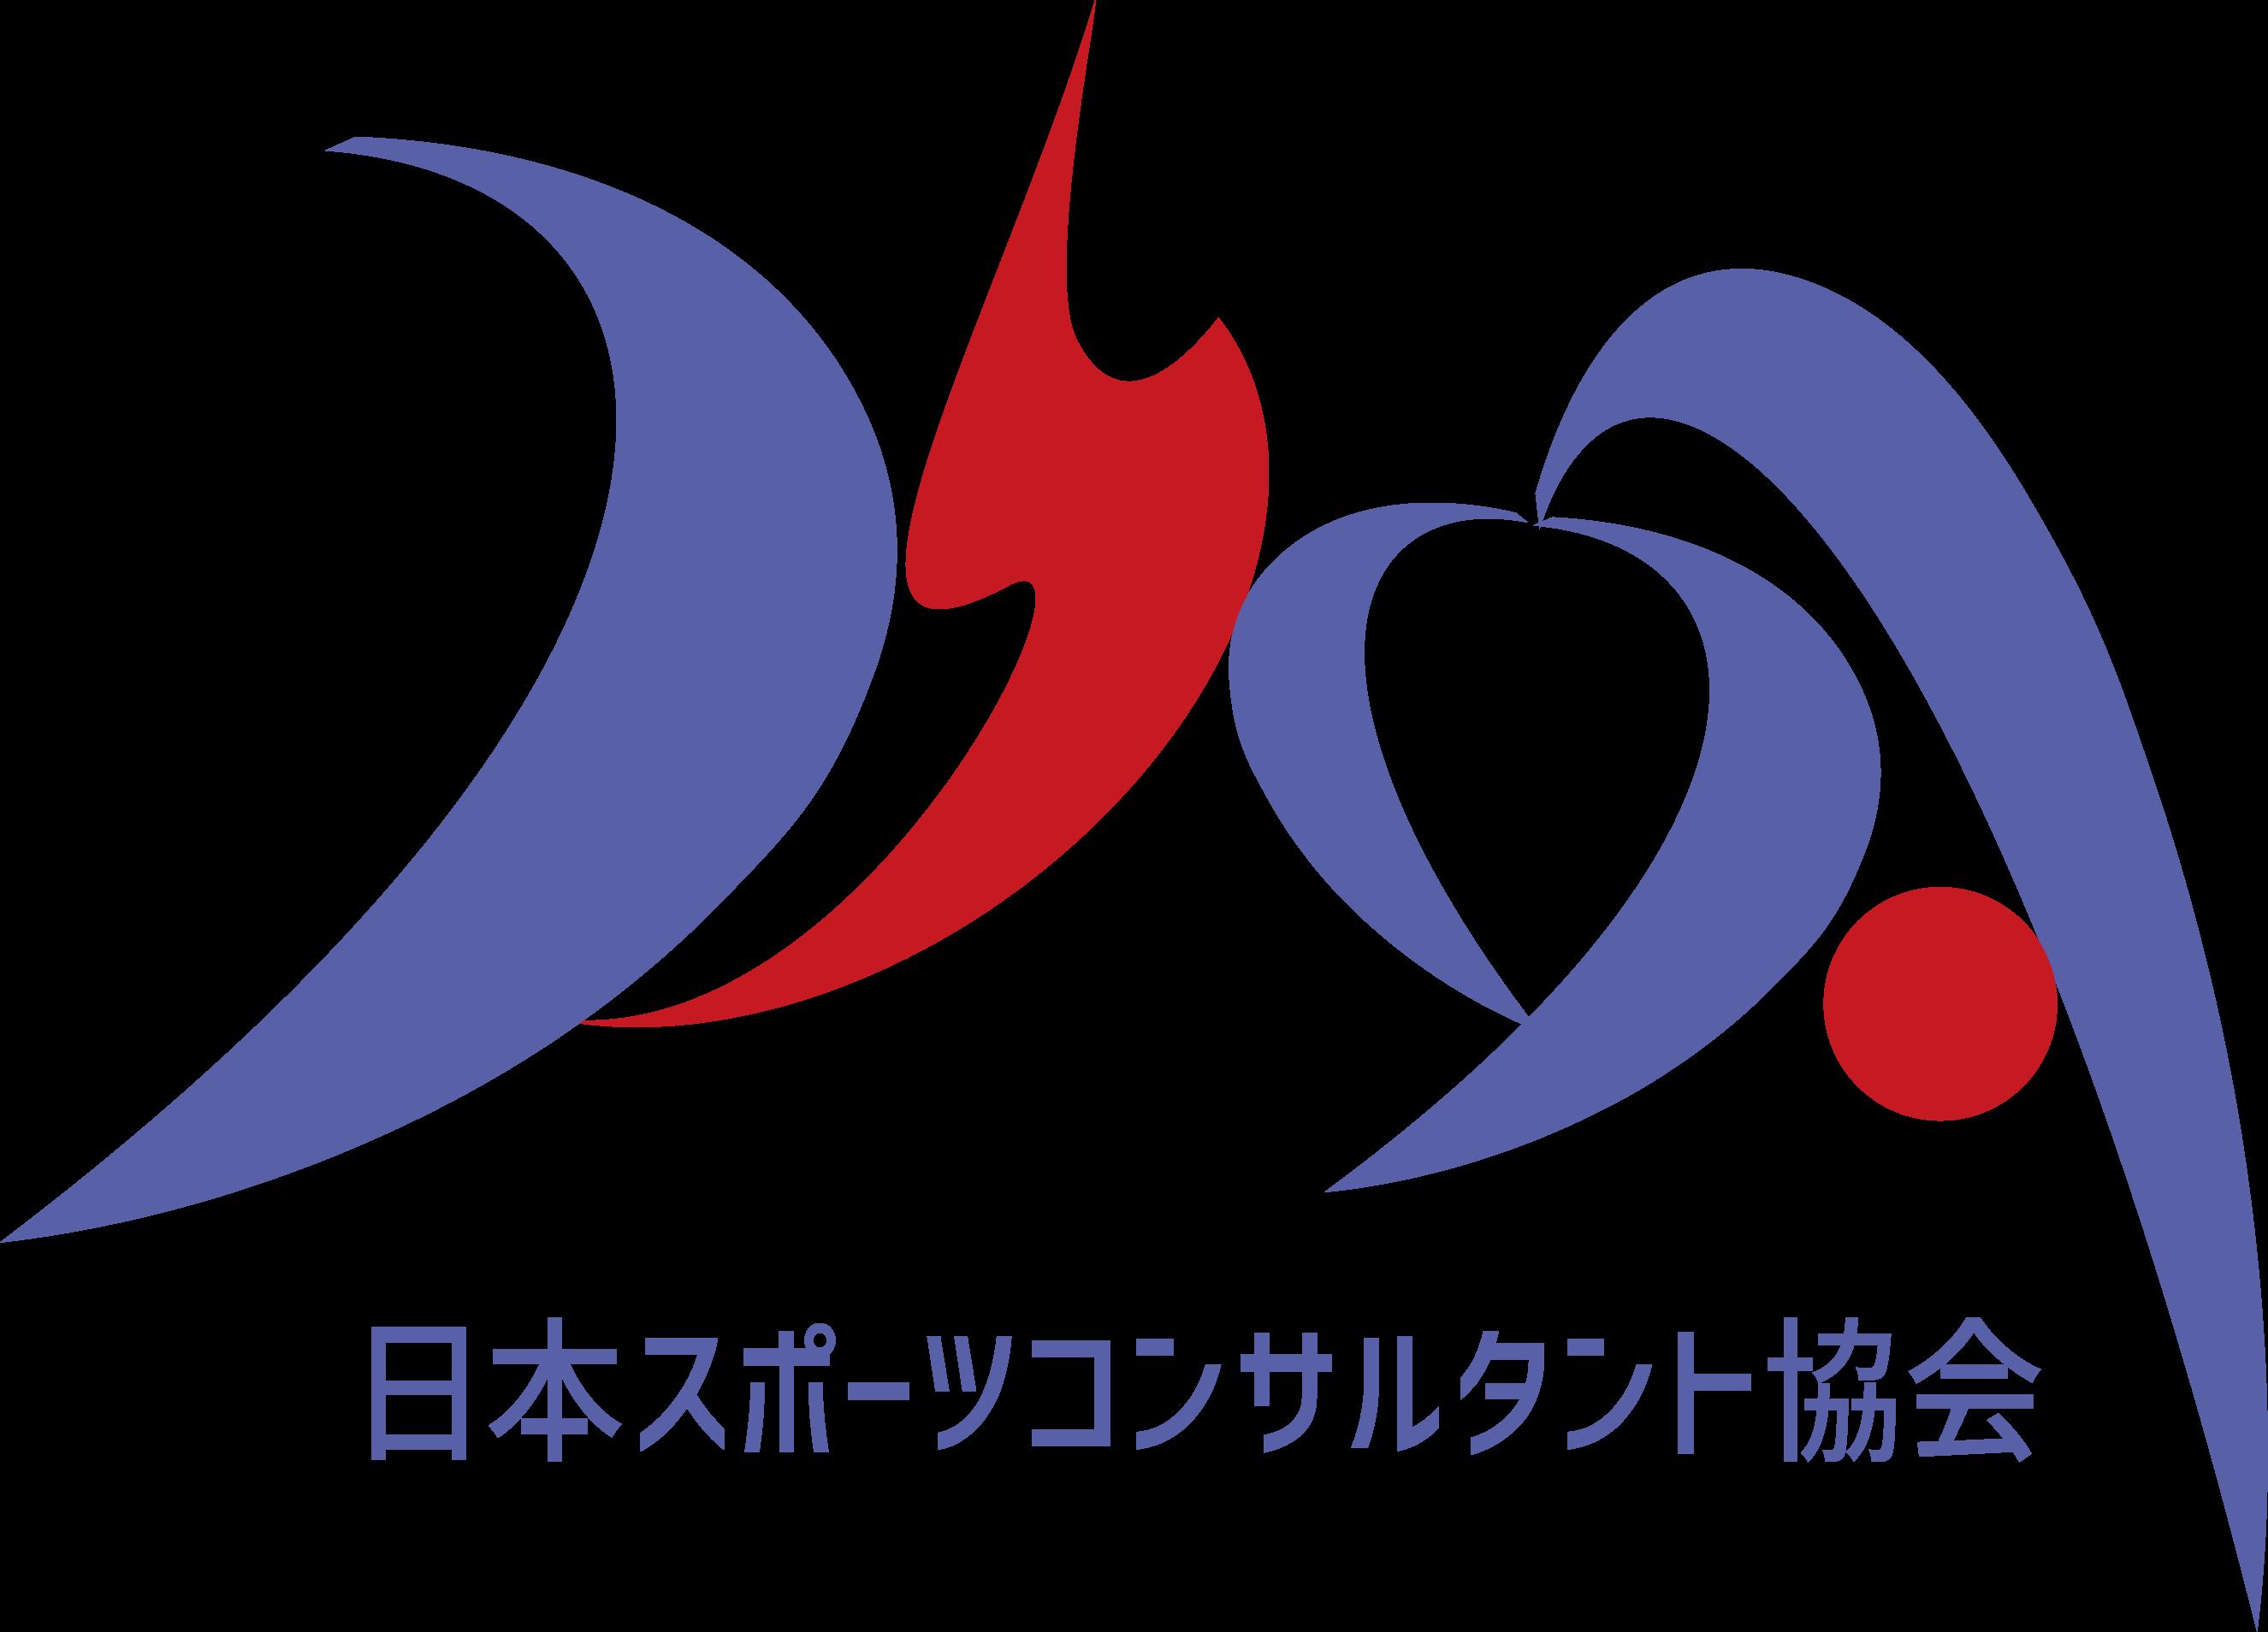 日本スポーツコンサルタント協会